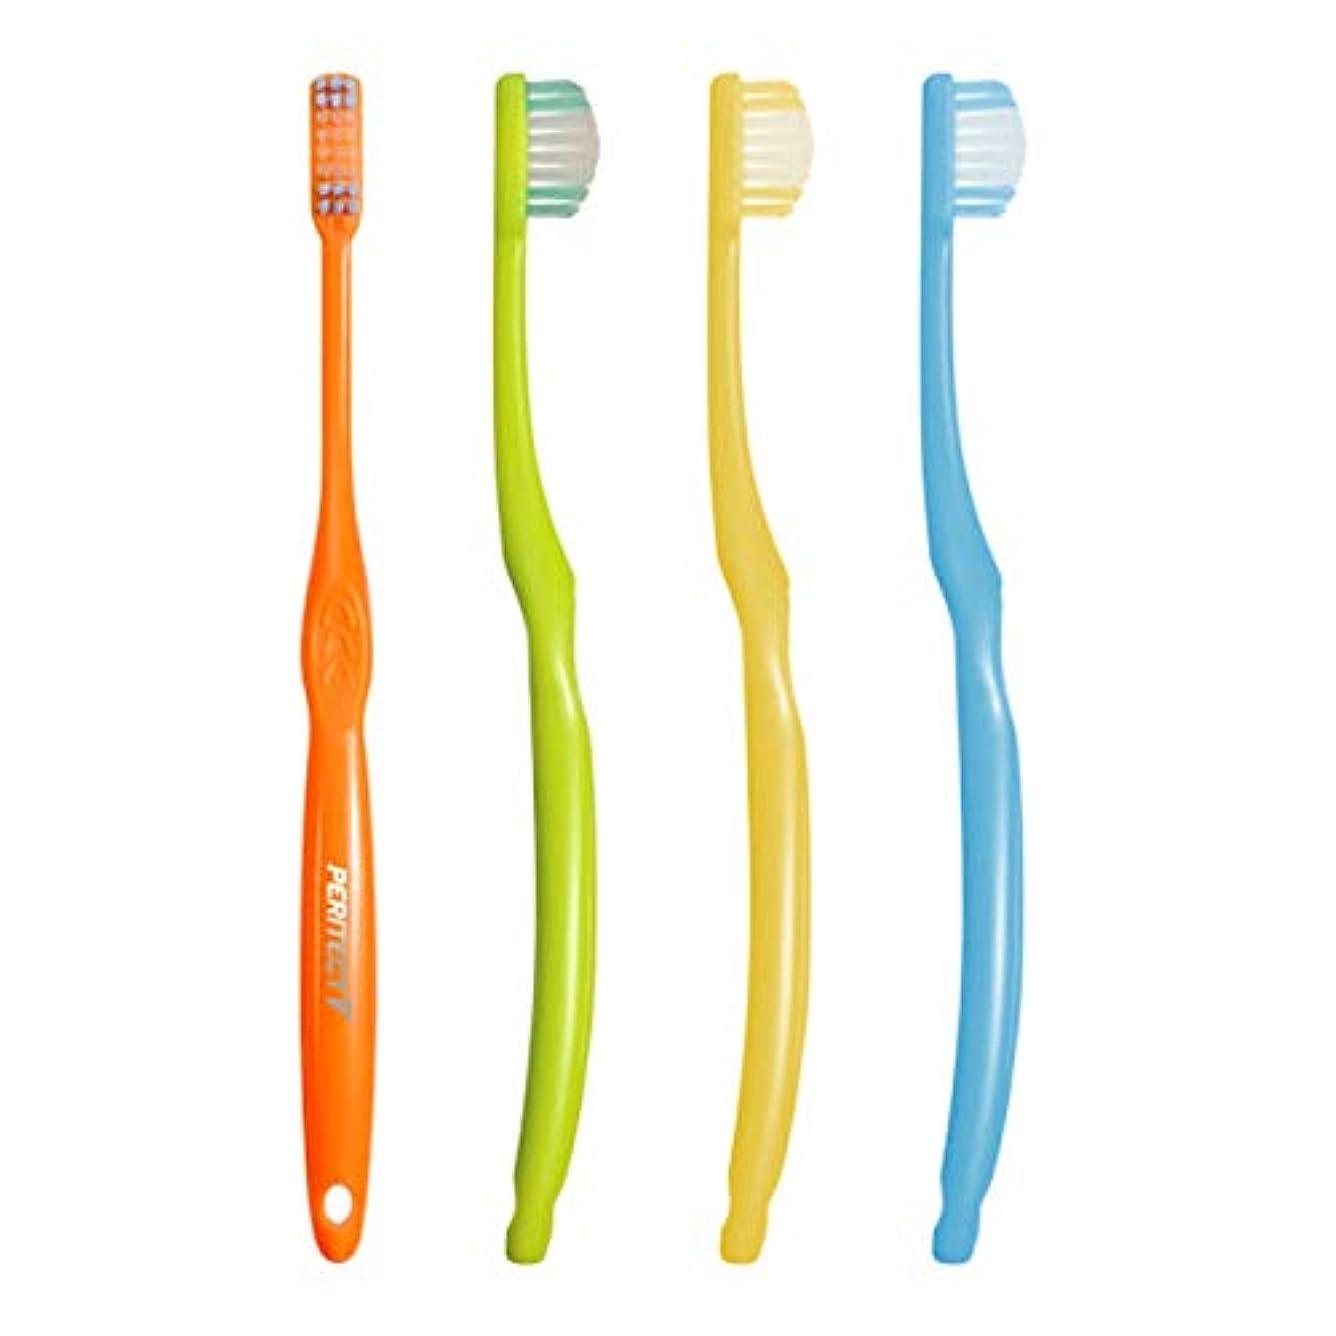 リール創傷すみませんビーブランド PERITECT V ペリテクト ブイ 歯ブラシ (6M やわらかめ) × 5本 歯科専売品